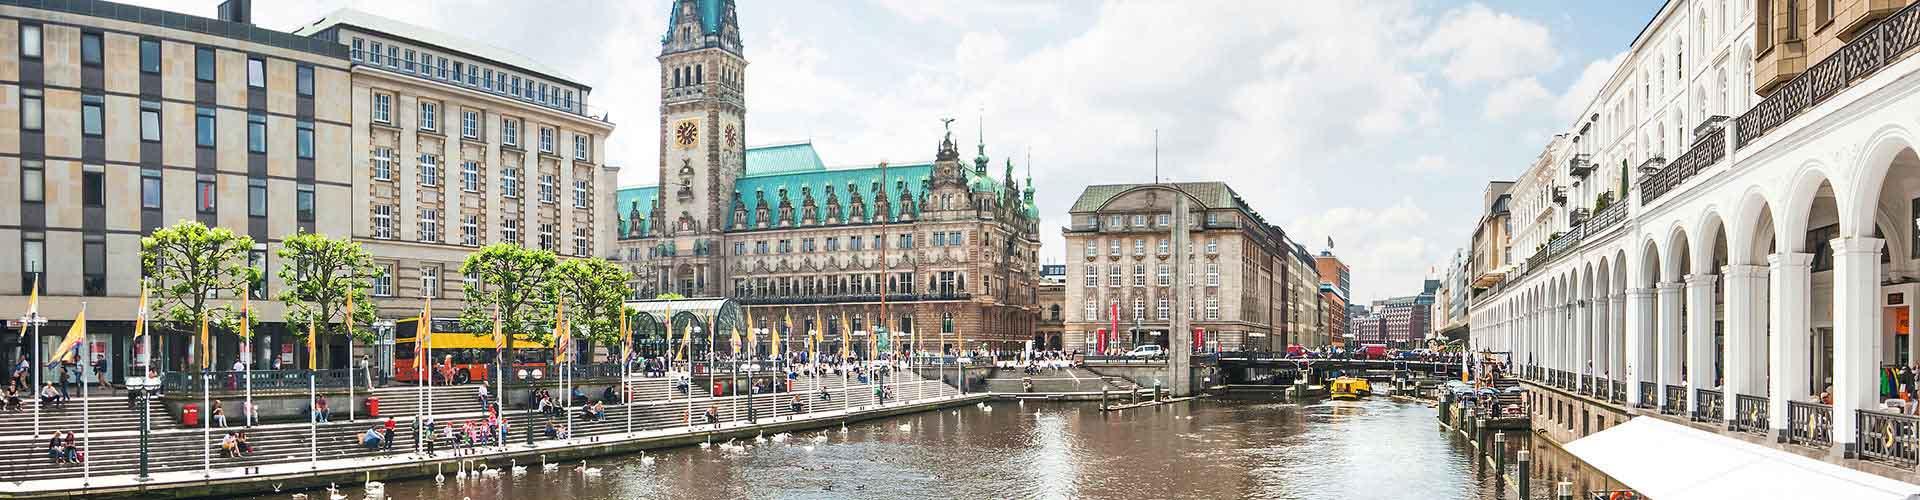 ハンブルク – Altona Altstadt地区のユースホステル. 地図 ハンブルク, すべてのユースホステルの写真とレビュー ハンブルク.